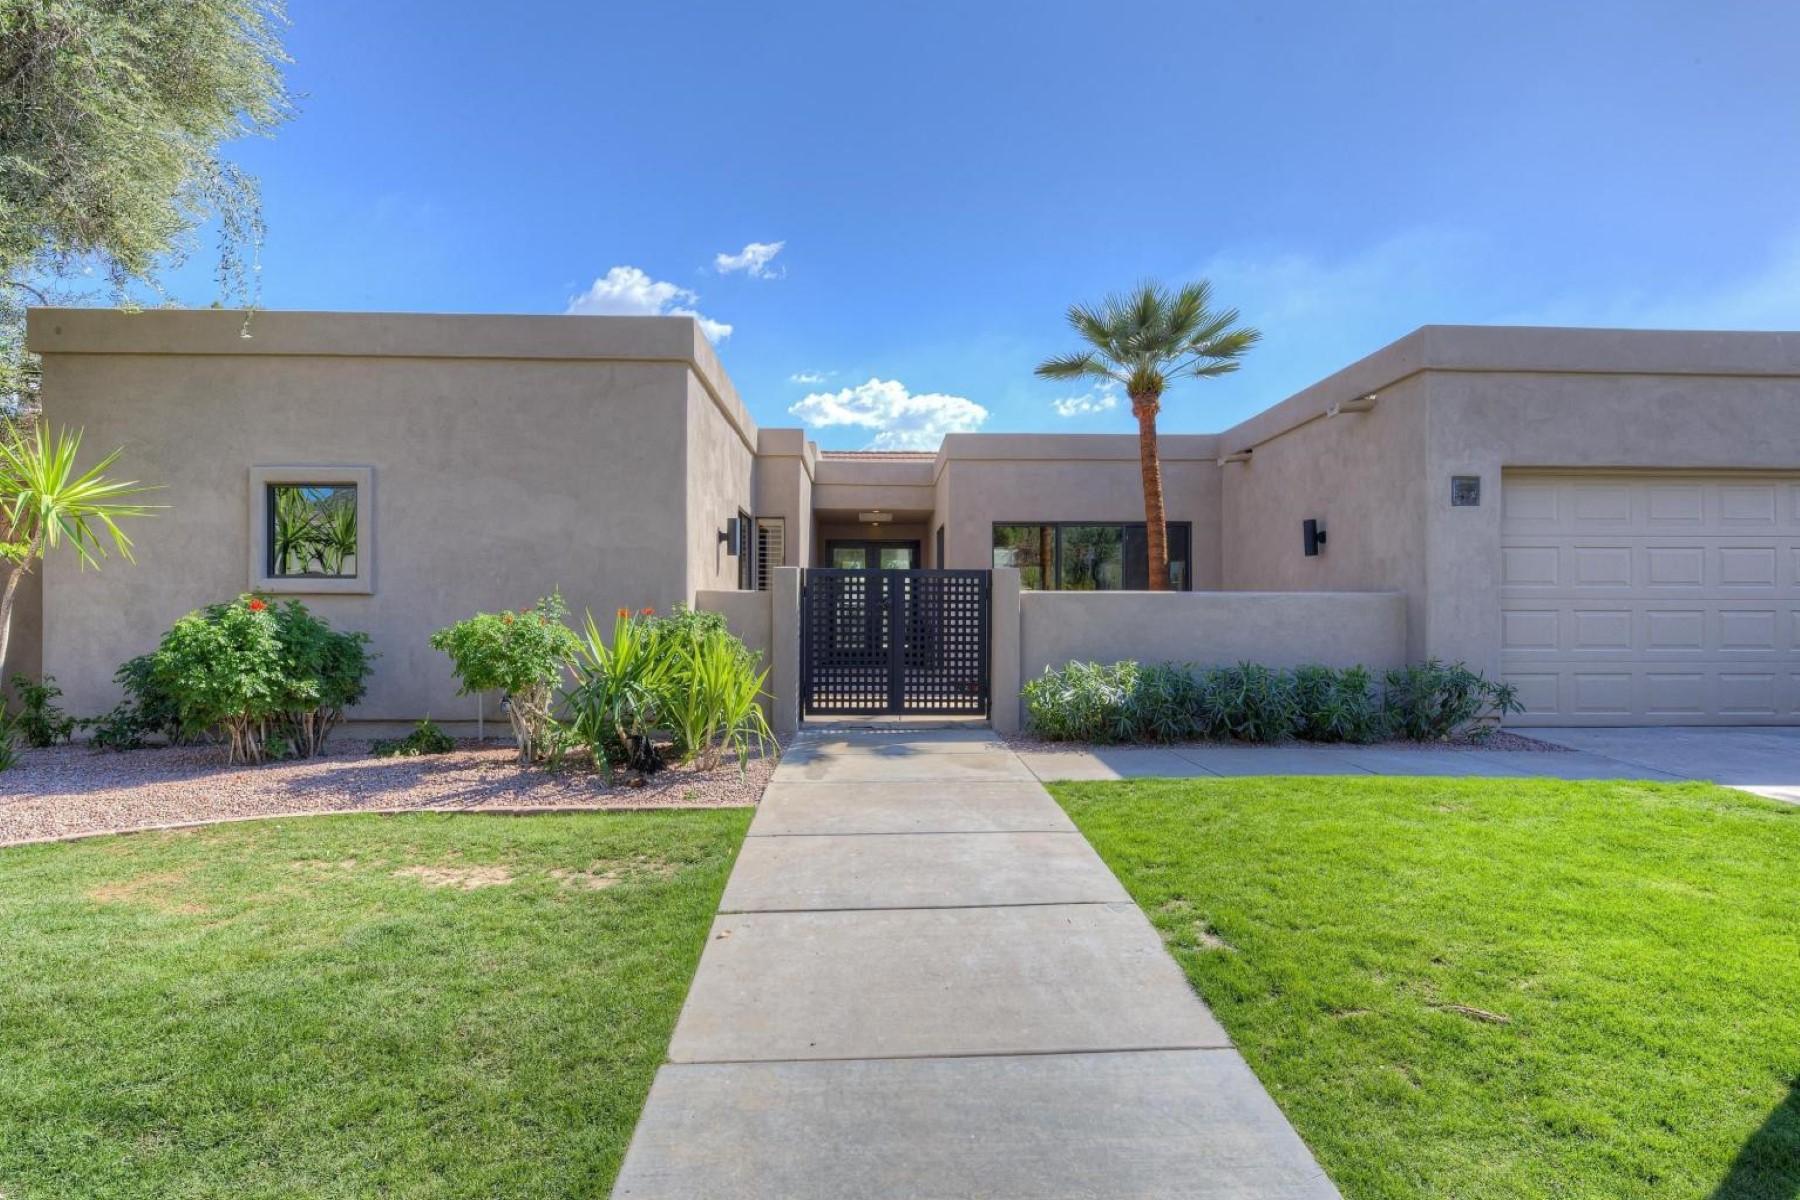 一戸建て のために 売買 アット Stunning new contemporary home in the highly sought after Biltmore Gates. 2737 E ARIZONA BILTMORE CIR E 33 Phoenix, アリゾナ 85016 アメリカ合衆国